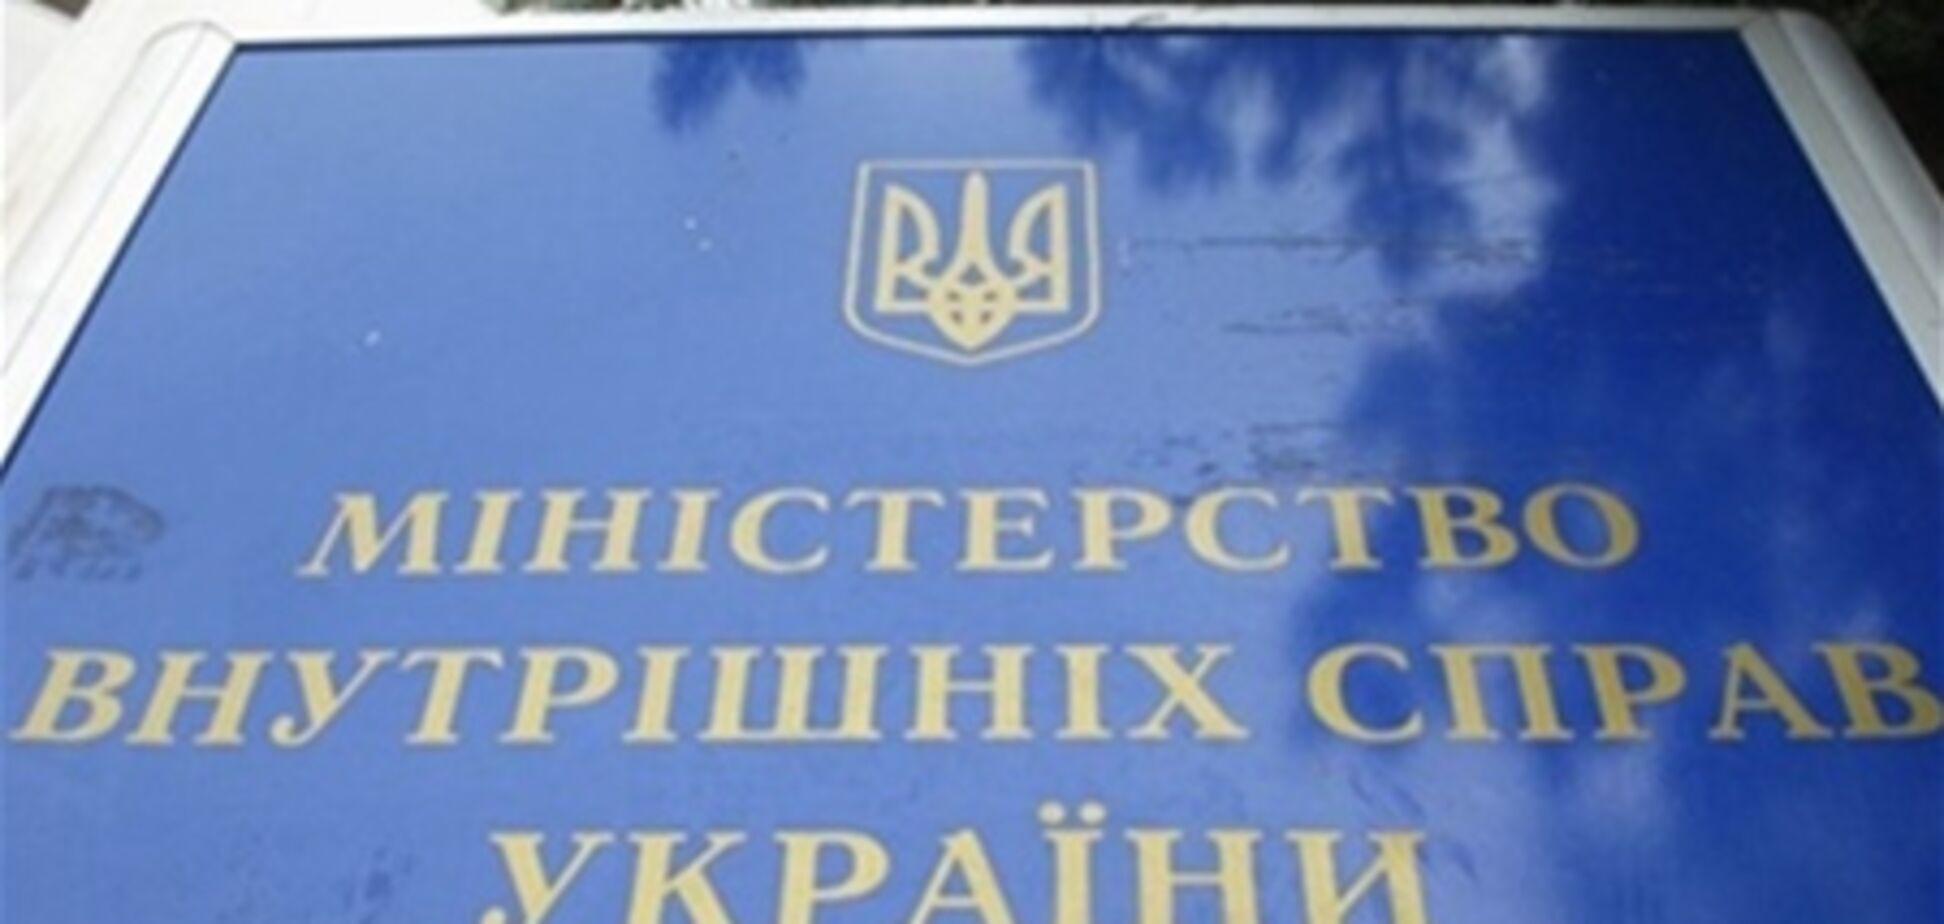 МВД заказало автономера на 21 млн у фирмы, основанной месяц назад